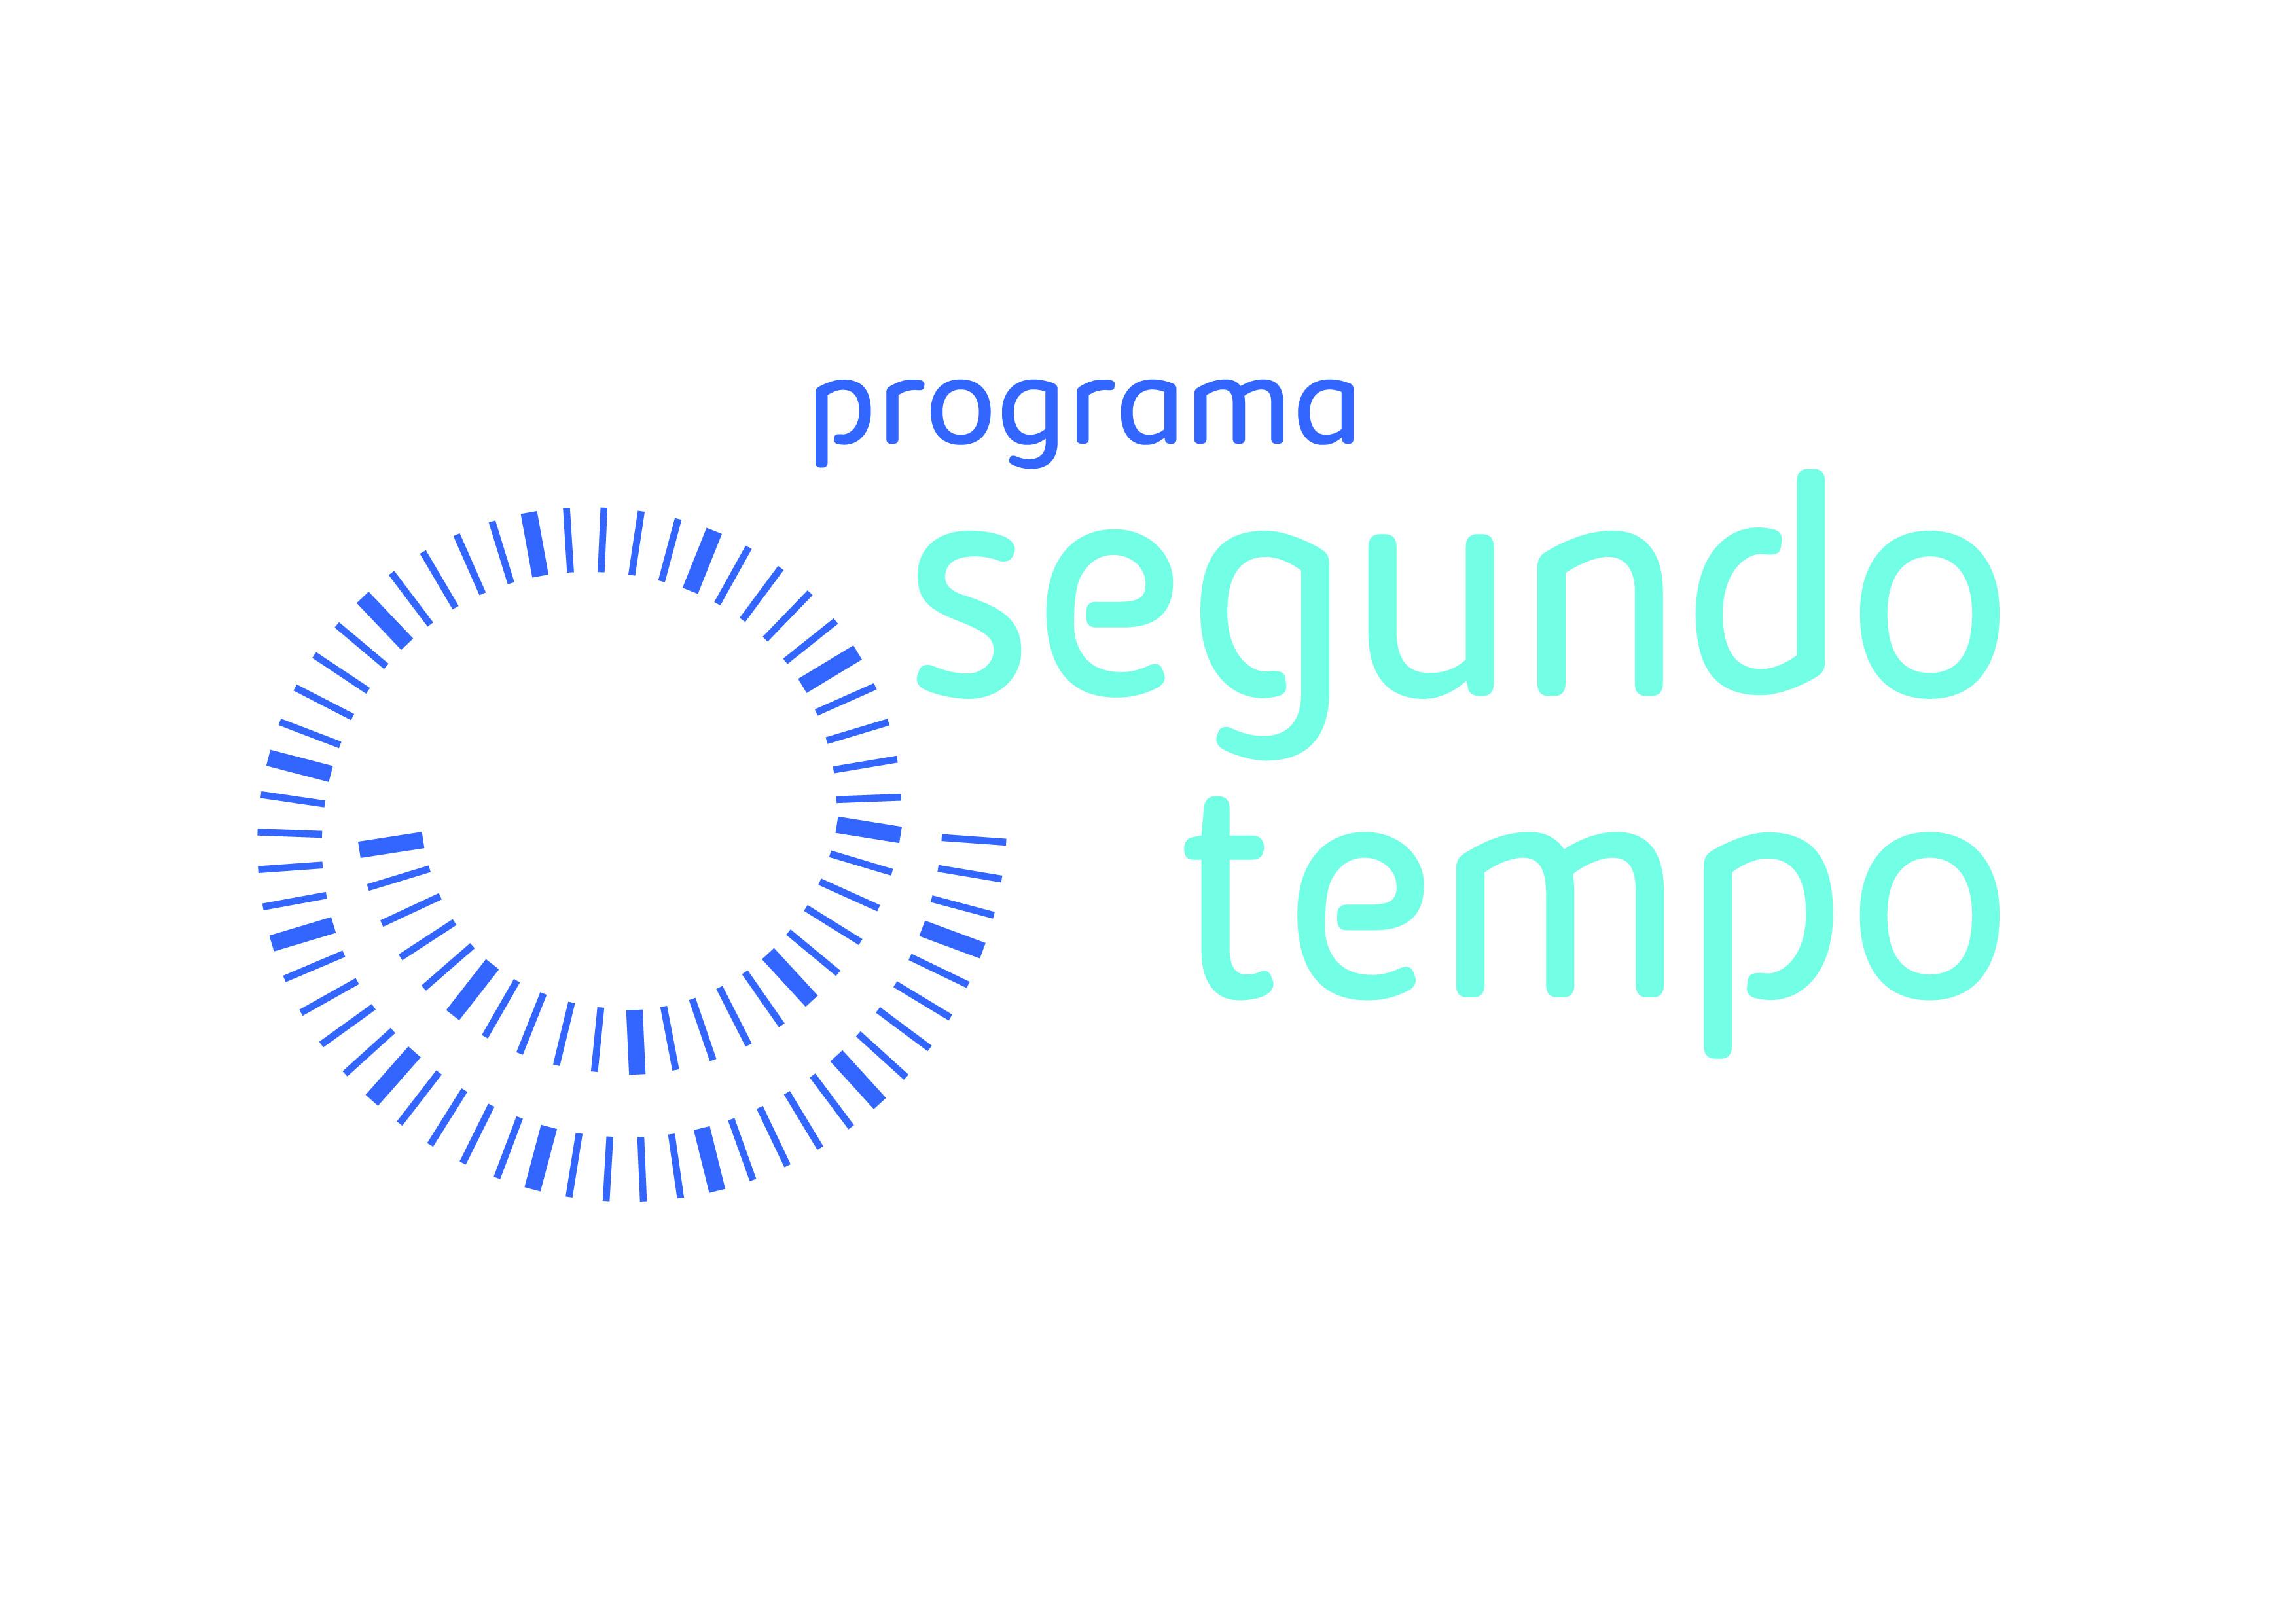 programa segundo tempo